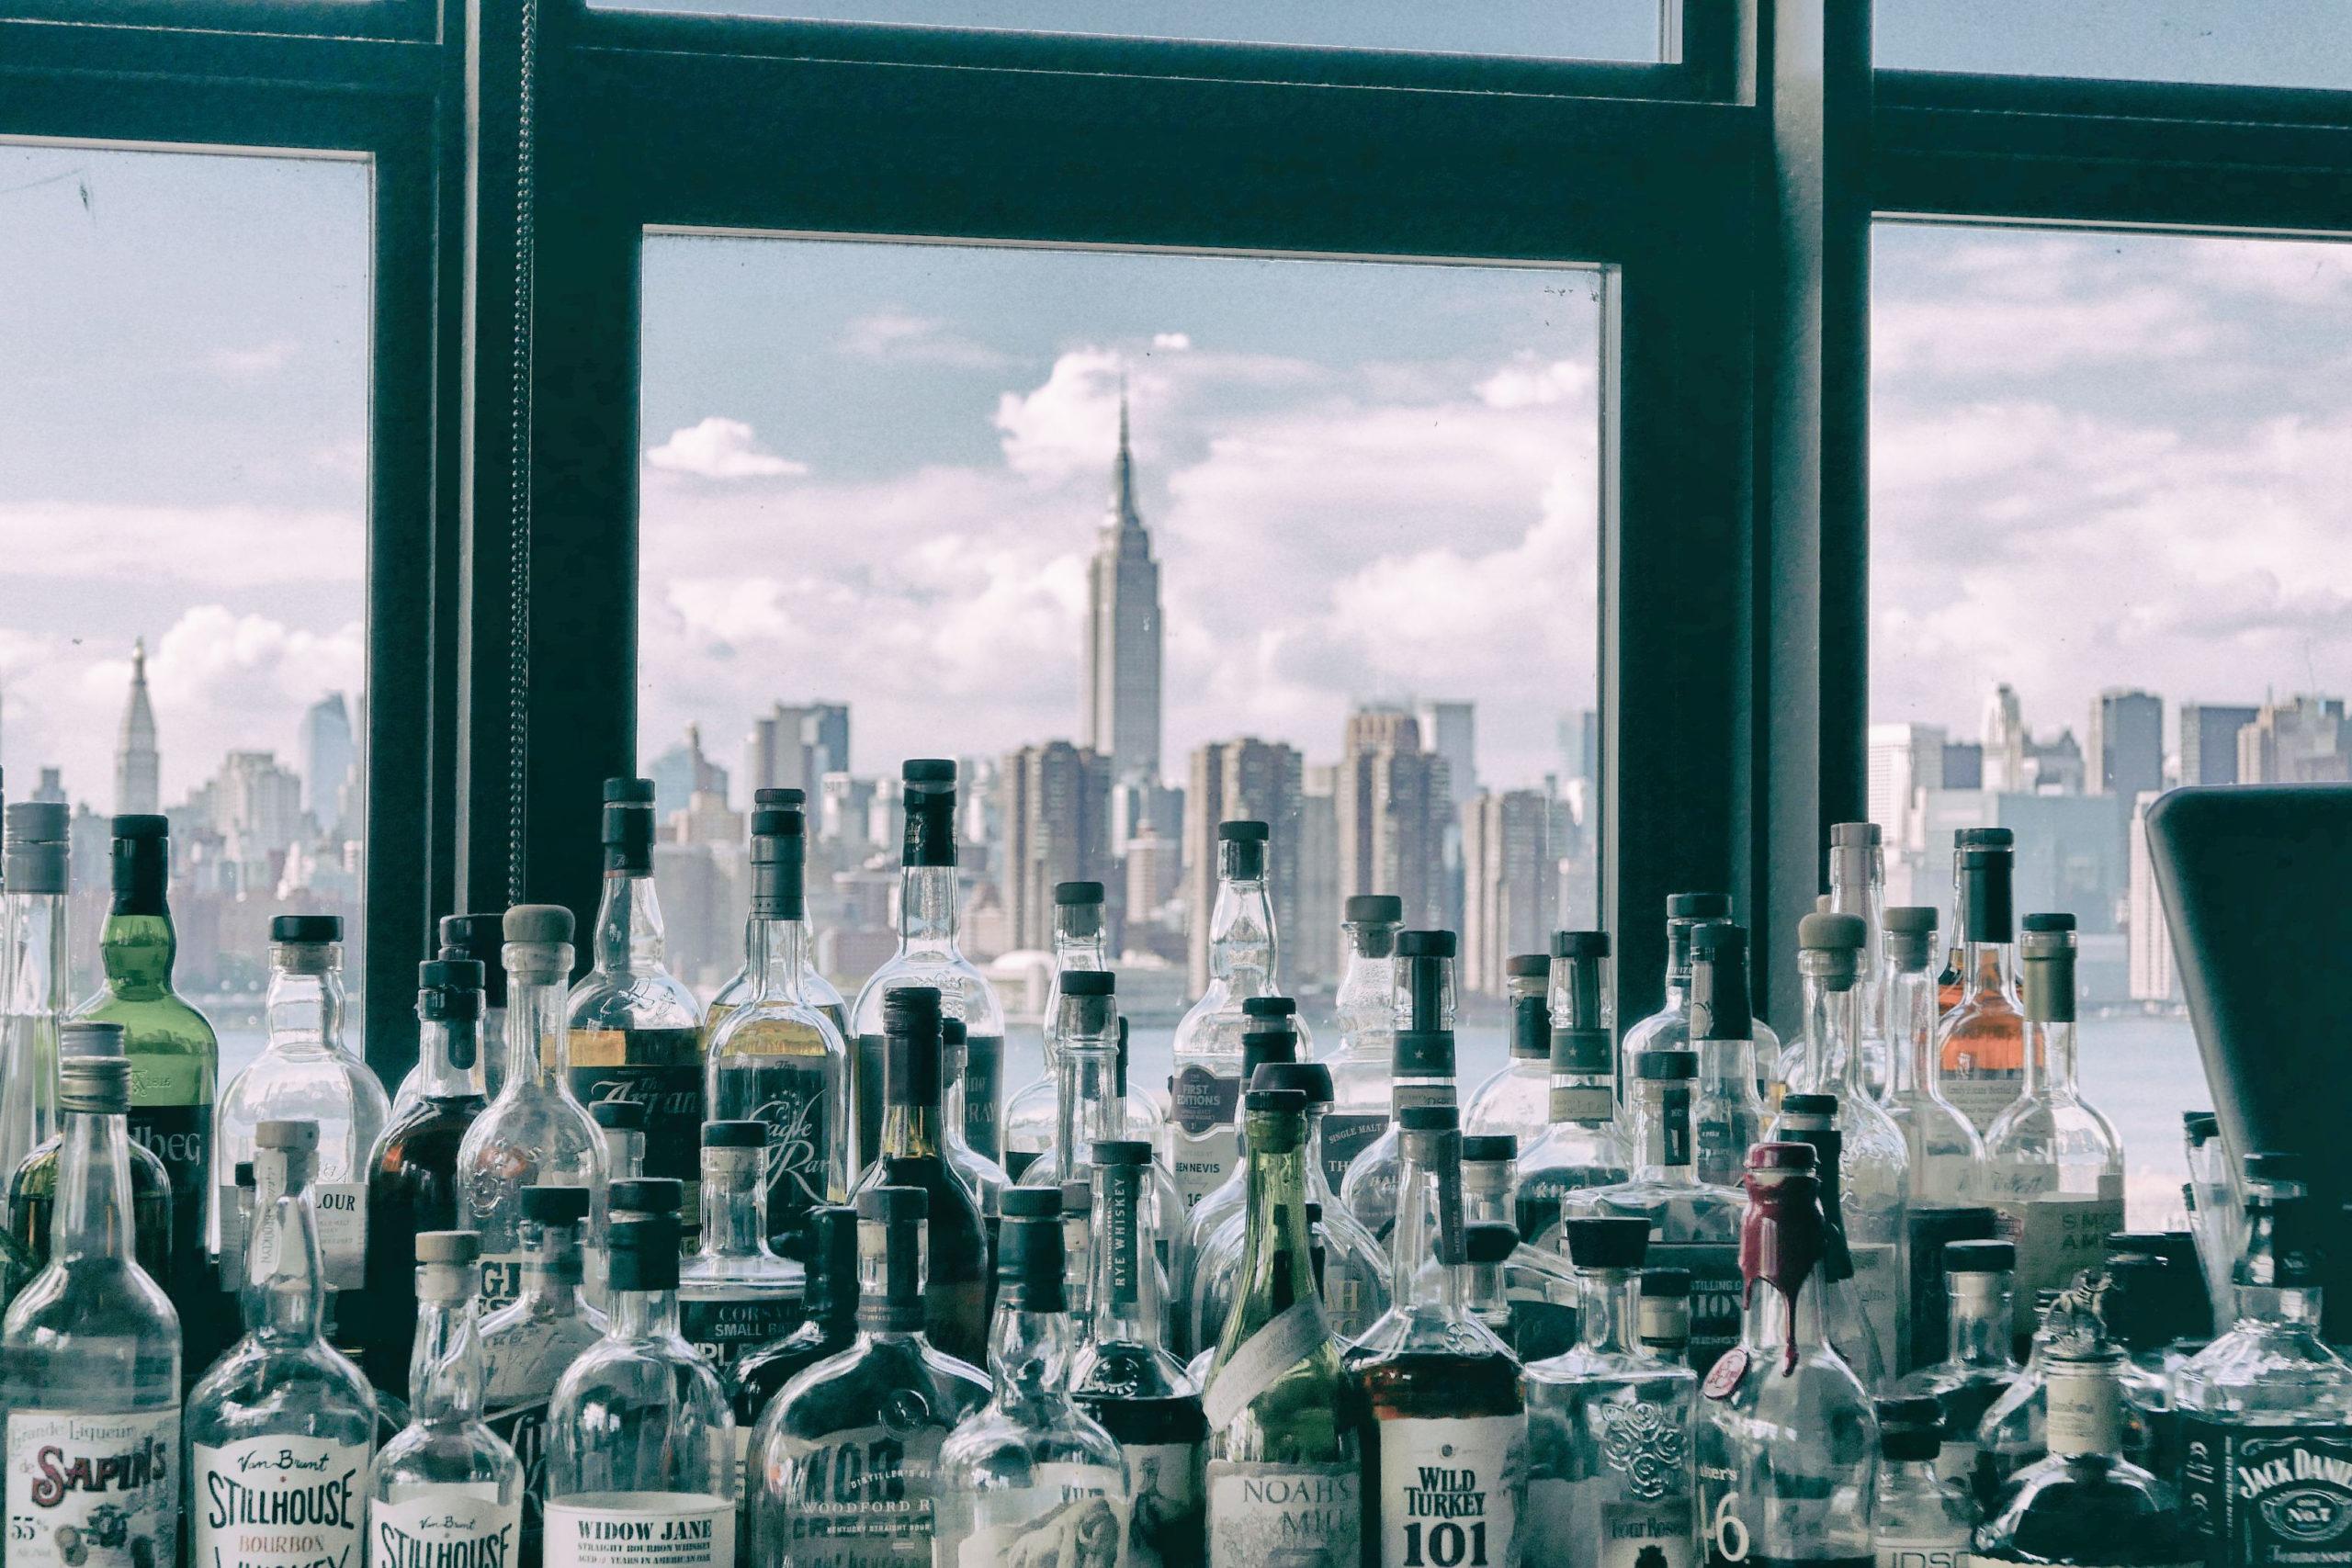 Canva - Assorted Bottles Near Windows